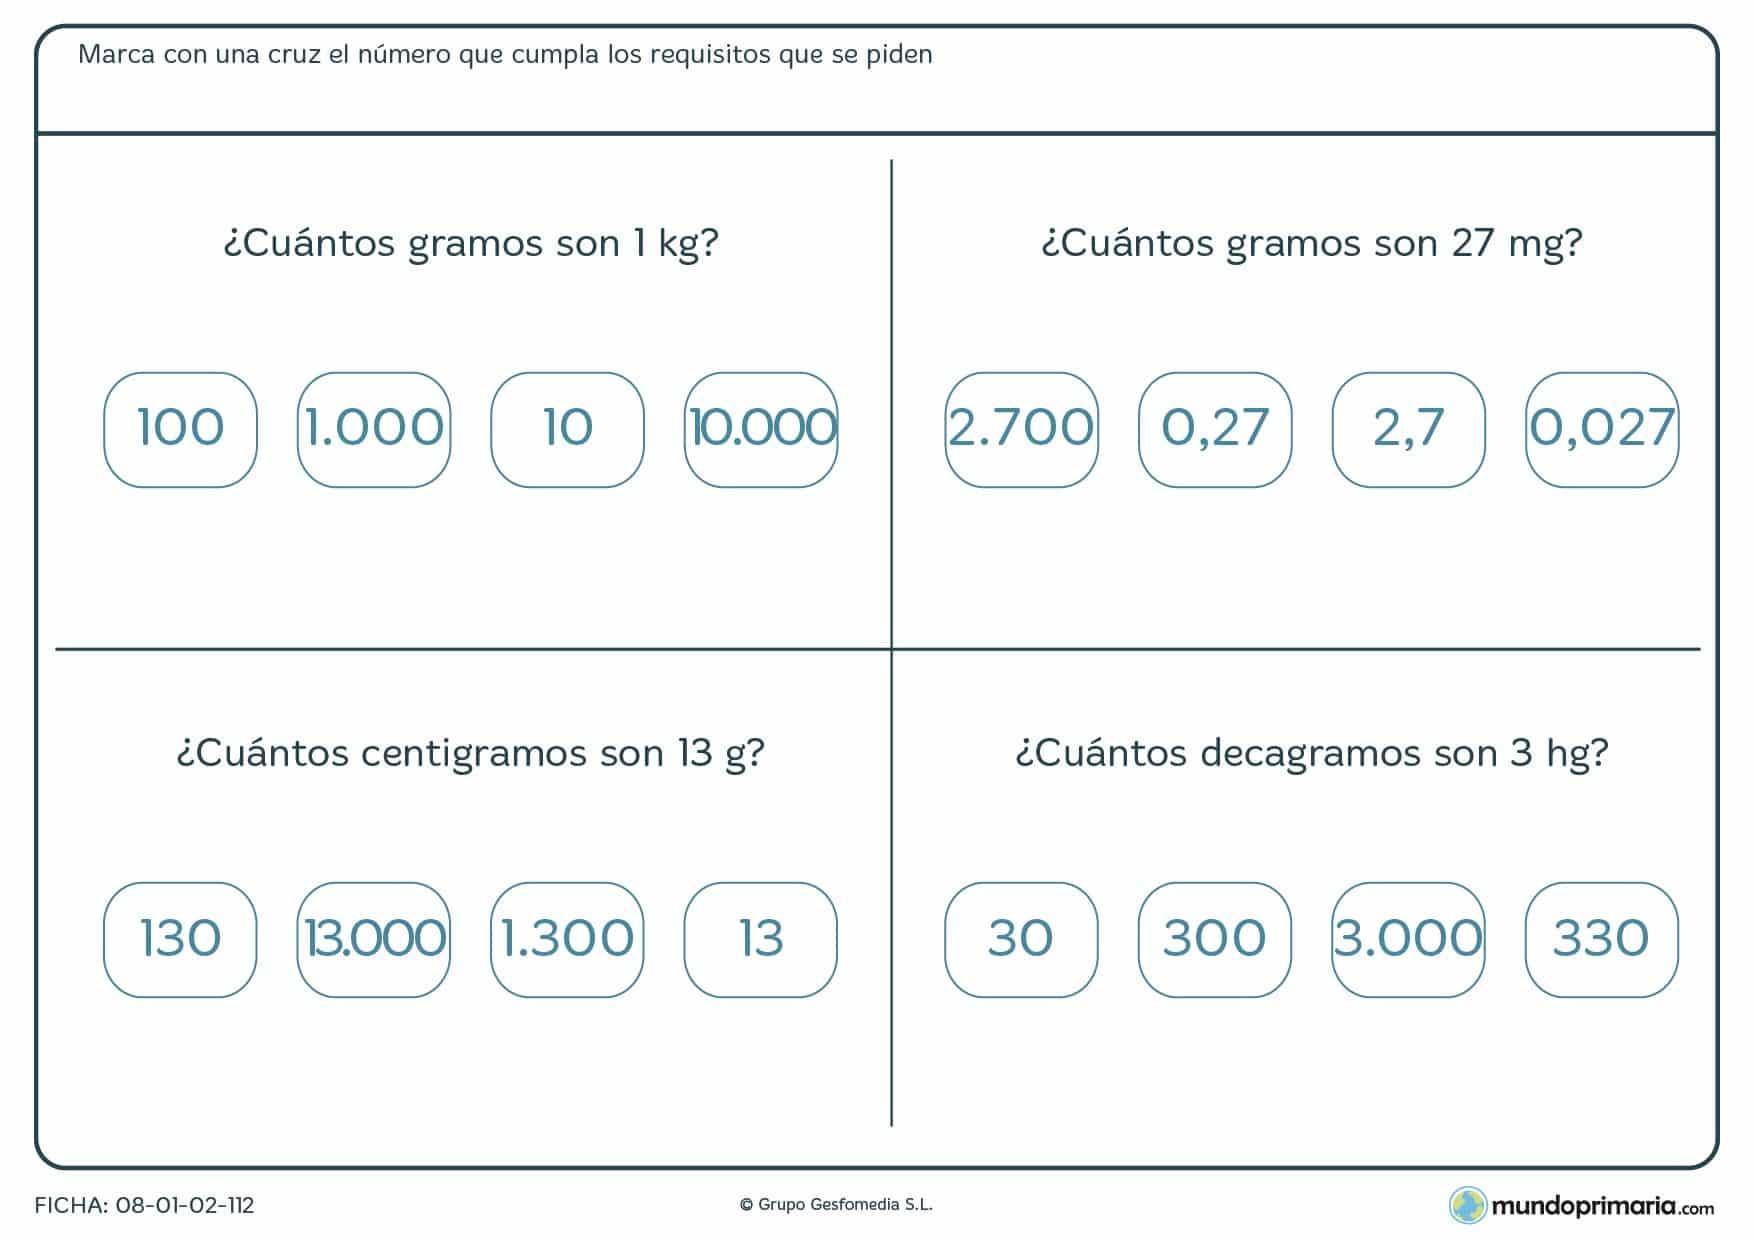 Ficha de equivalencia de gramos. Marca la respuesta correcta a cada pregunta.